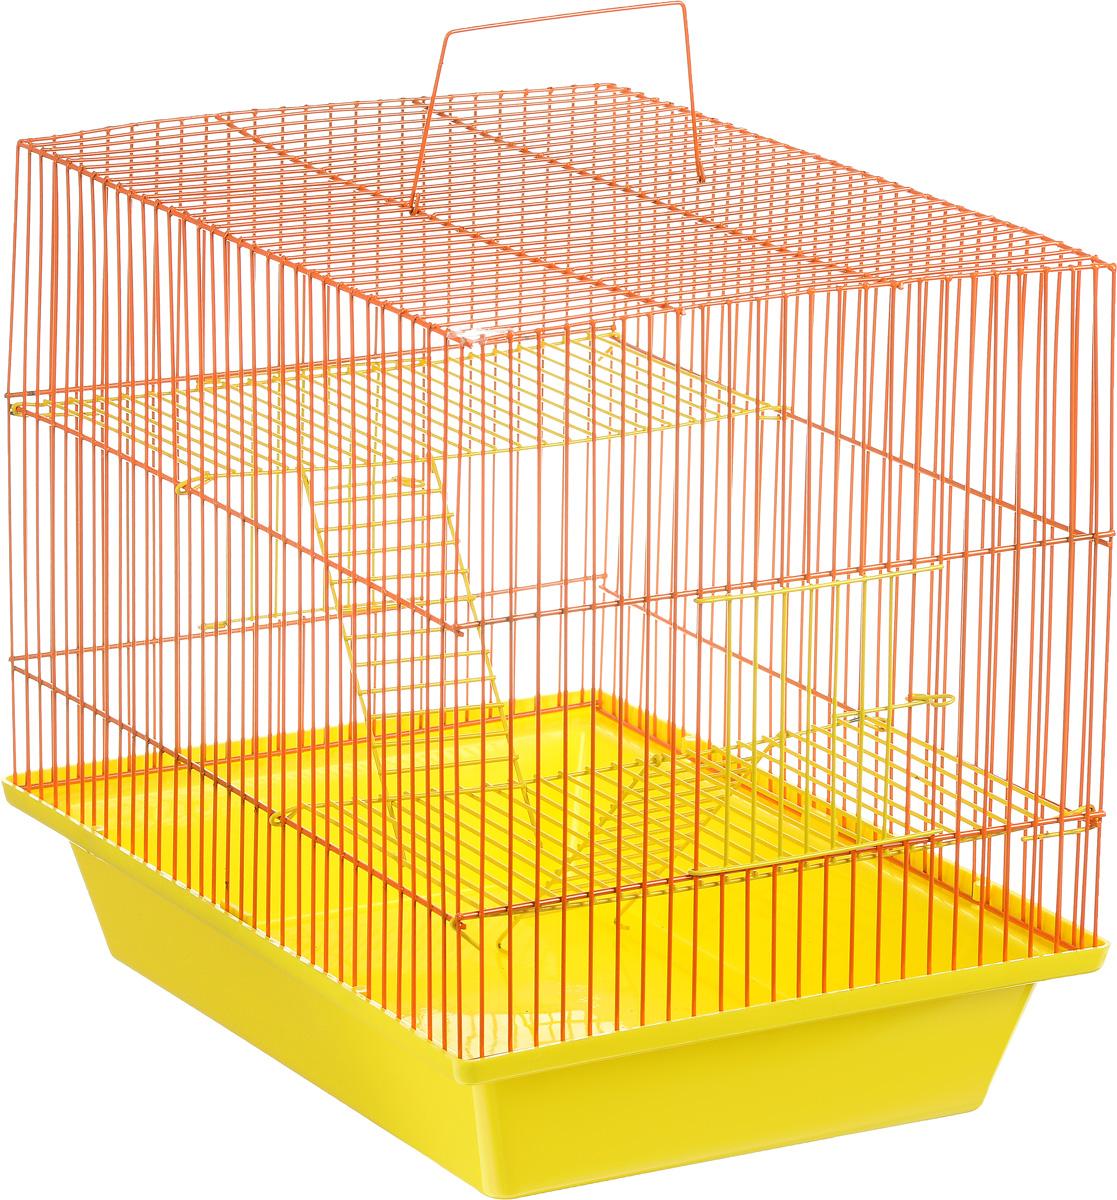 Клетка для грызунов ЗооМарк Гризли, 3-этажная, цвет: желтый поддон, оранжевая решетка, желтые этажи, 41 х 30 х 36 см. 230ж0120710Клетка ЗооМарк Гризли, выполненная из полипропилена и металла, подходит для мелких грызунов. Изделие трехэтажное. Клетка имеет яркий поддон, удобна в использовании и легко чистится. Сверху имеется ручка для переноски.Такая клетка станет уединенным личным пространством и уютным домиком для маленького грызуна.